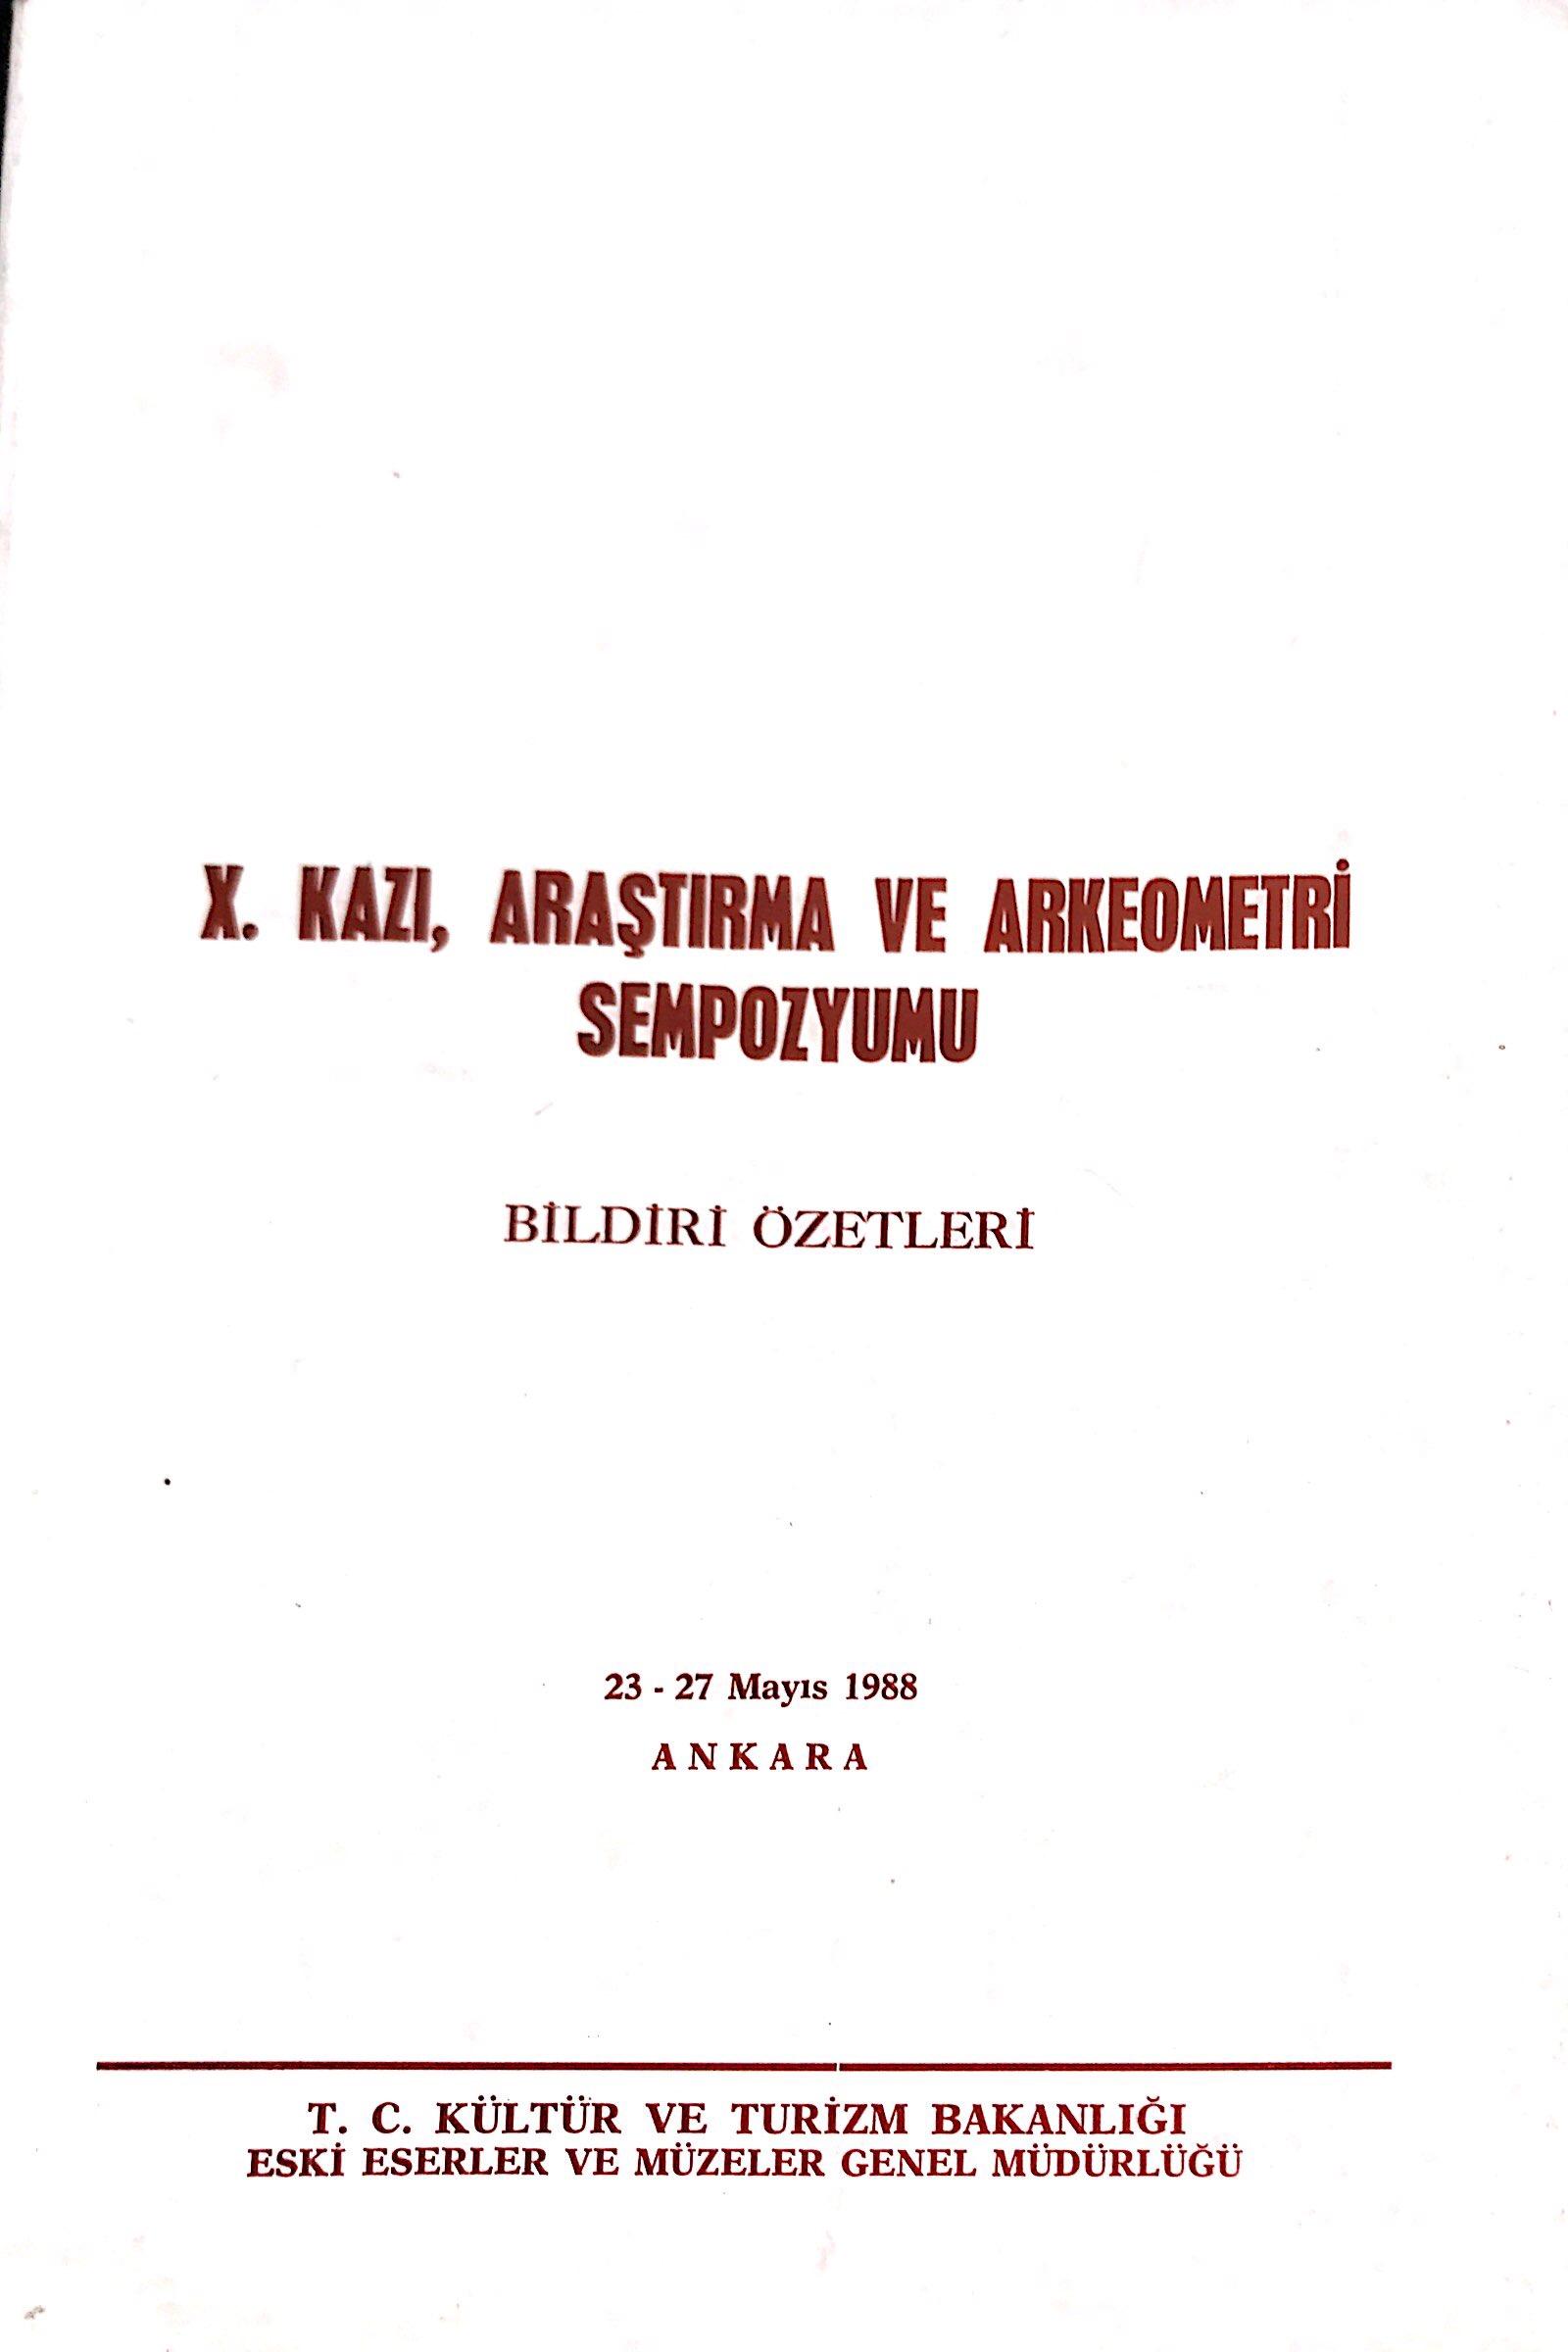 X. Kazı, Araştırma ve Arkeometri Sempozyumu Bildiri Özetleri Kitap Kapağı